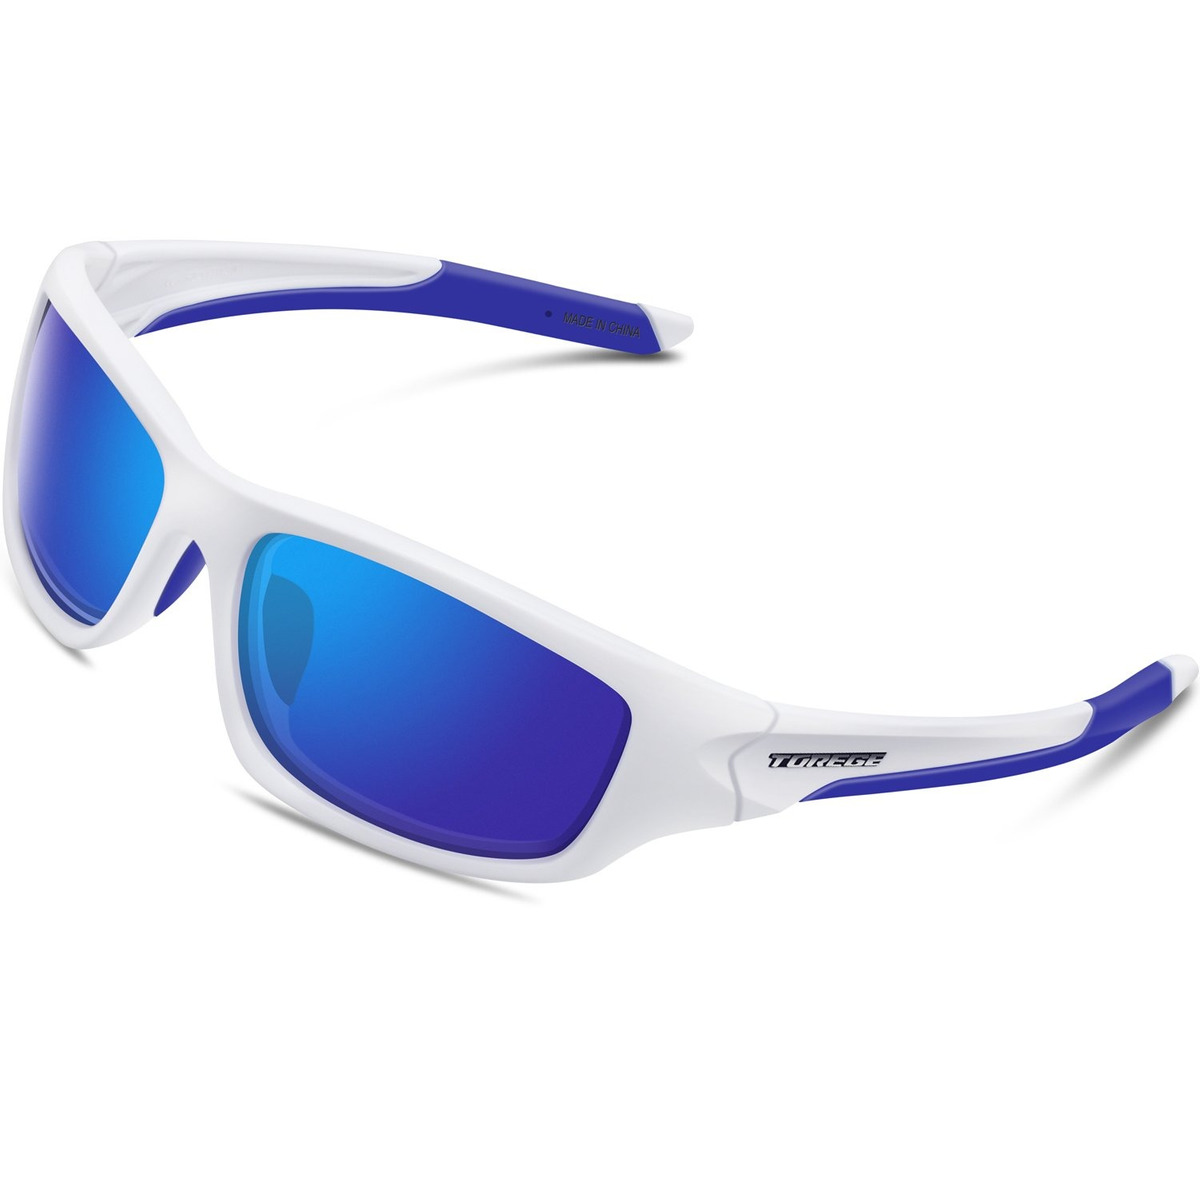 aa676f13f6 torege gafas de sol deportivas polarizadas para correr ci. Cargando zoom.